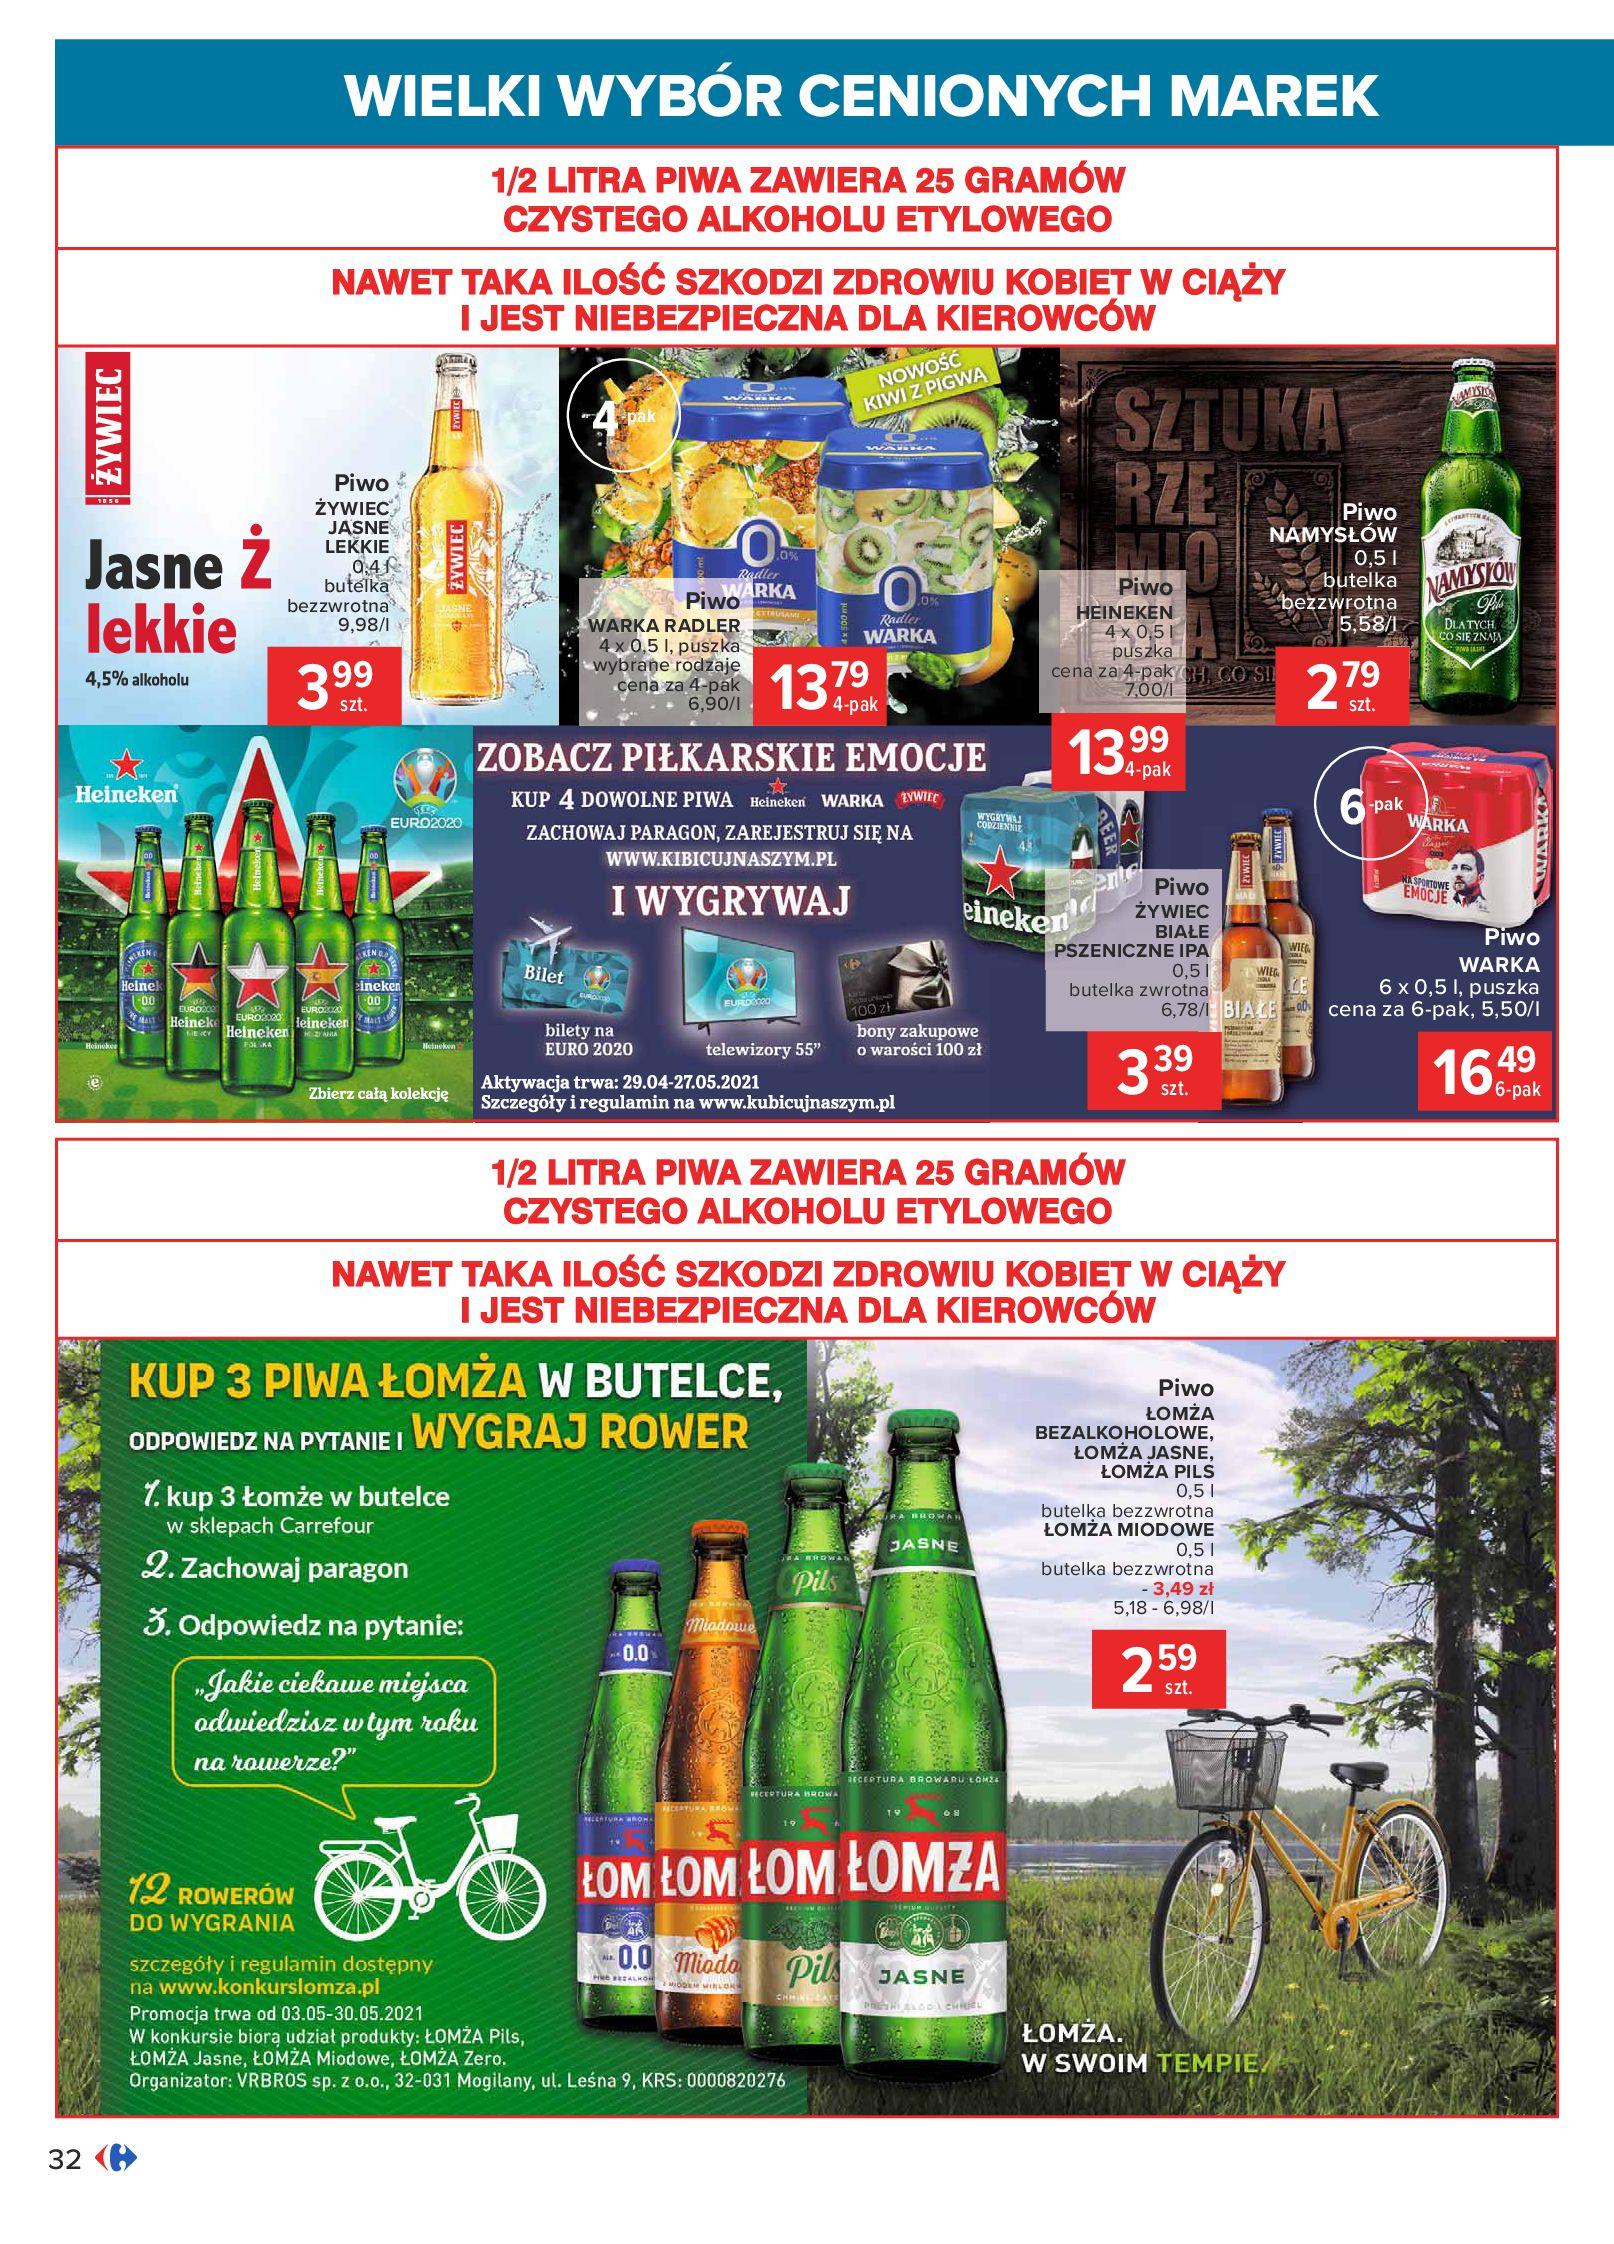 Gazetka Carrefour: Wielki wybór cenionych marek 2021-05-04 page-32